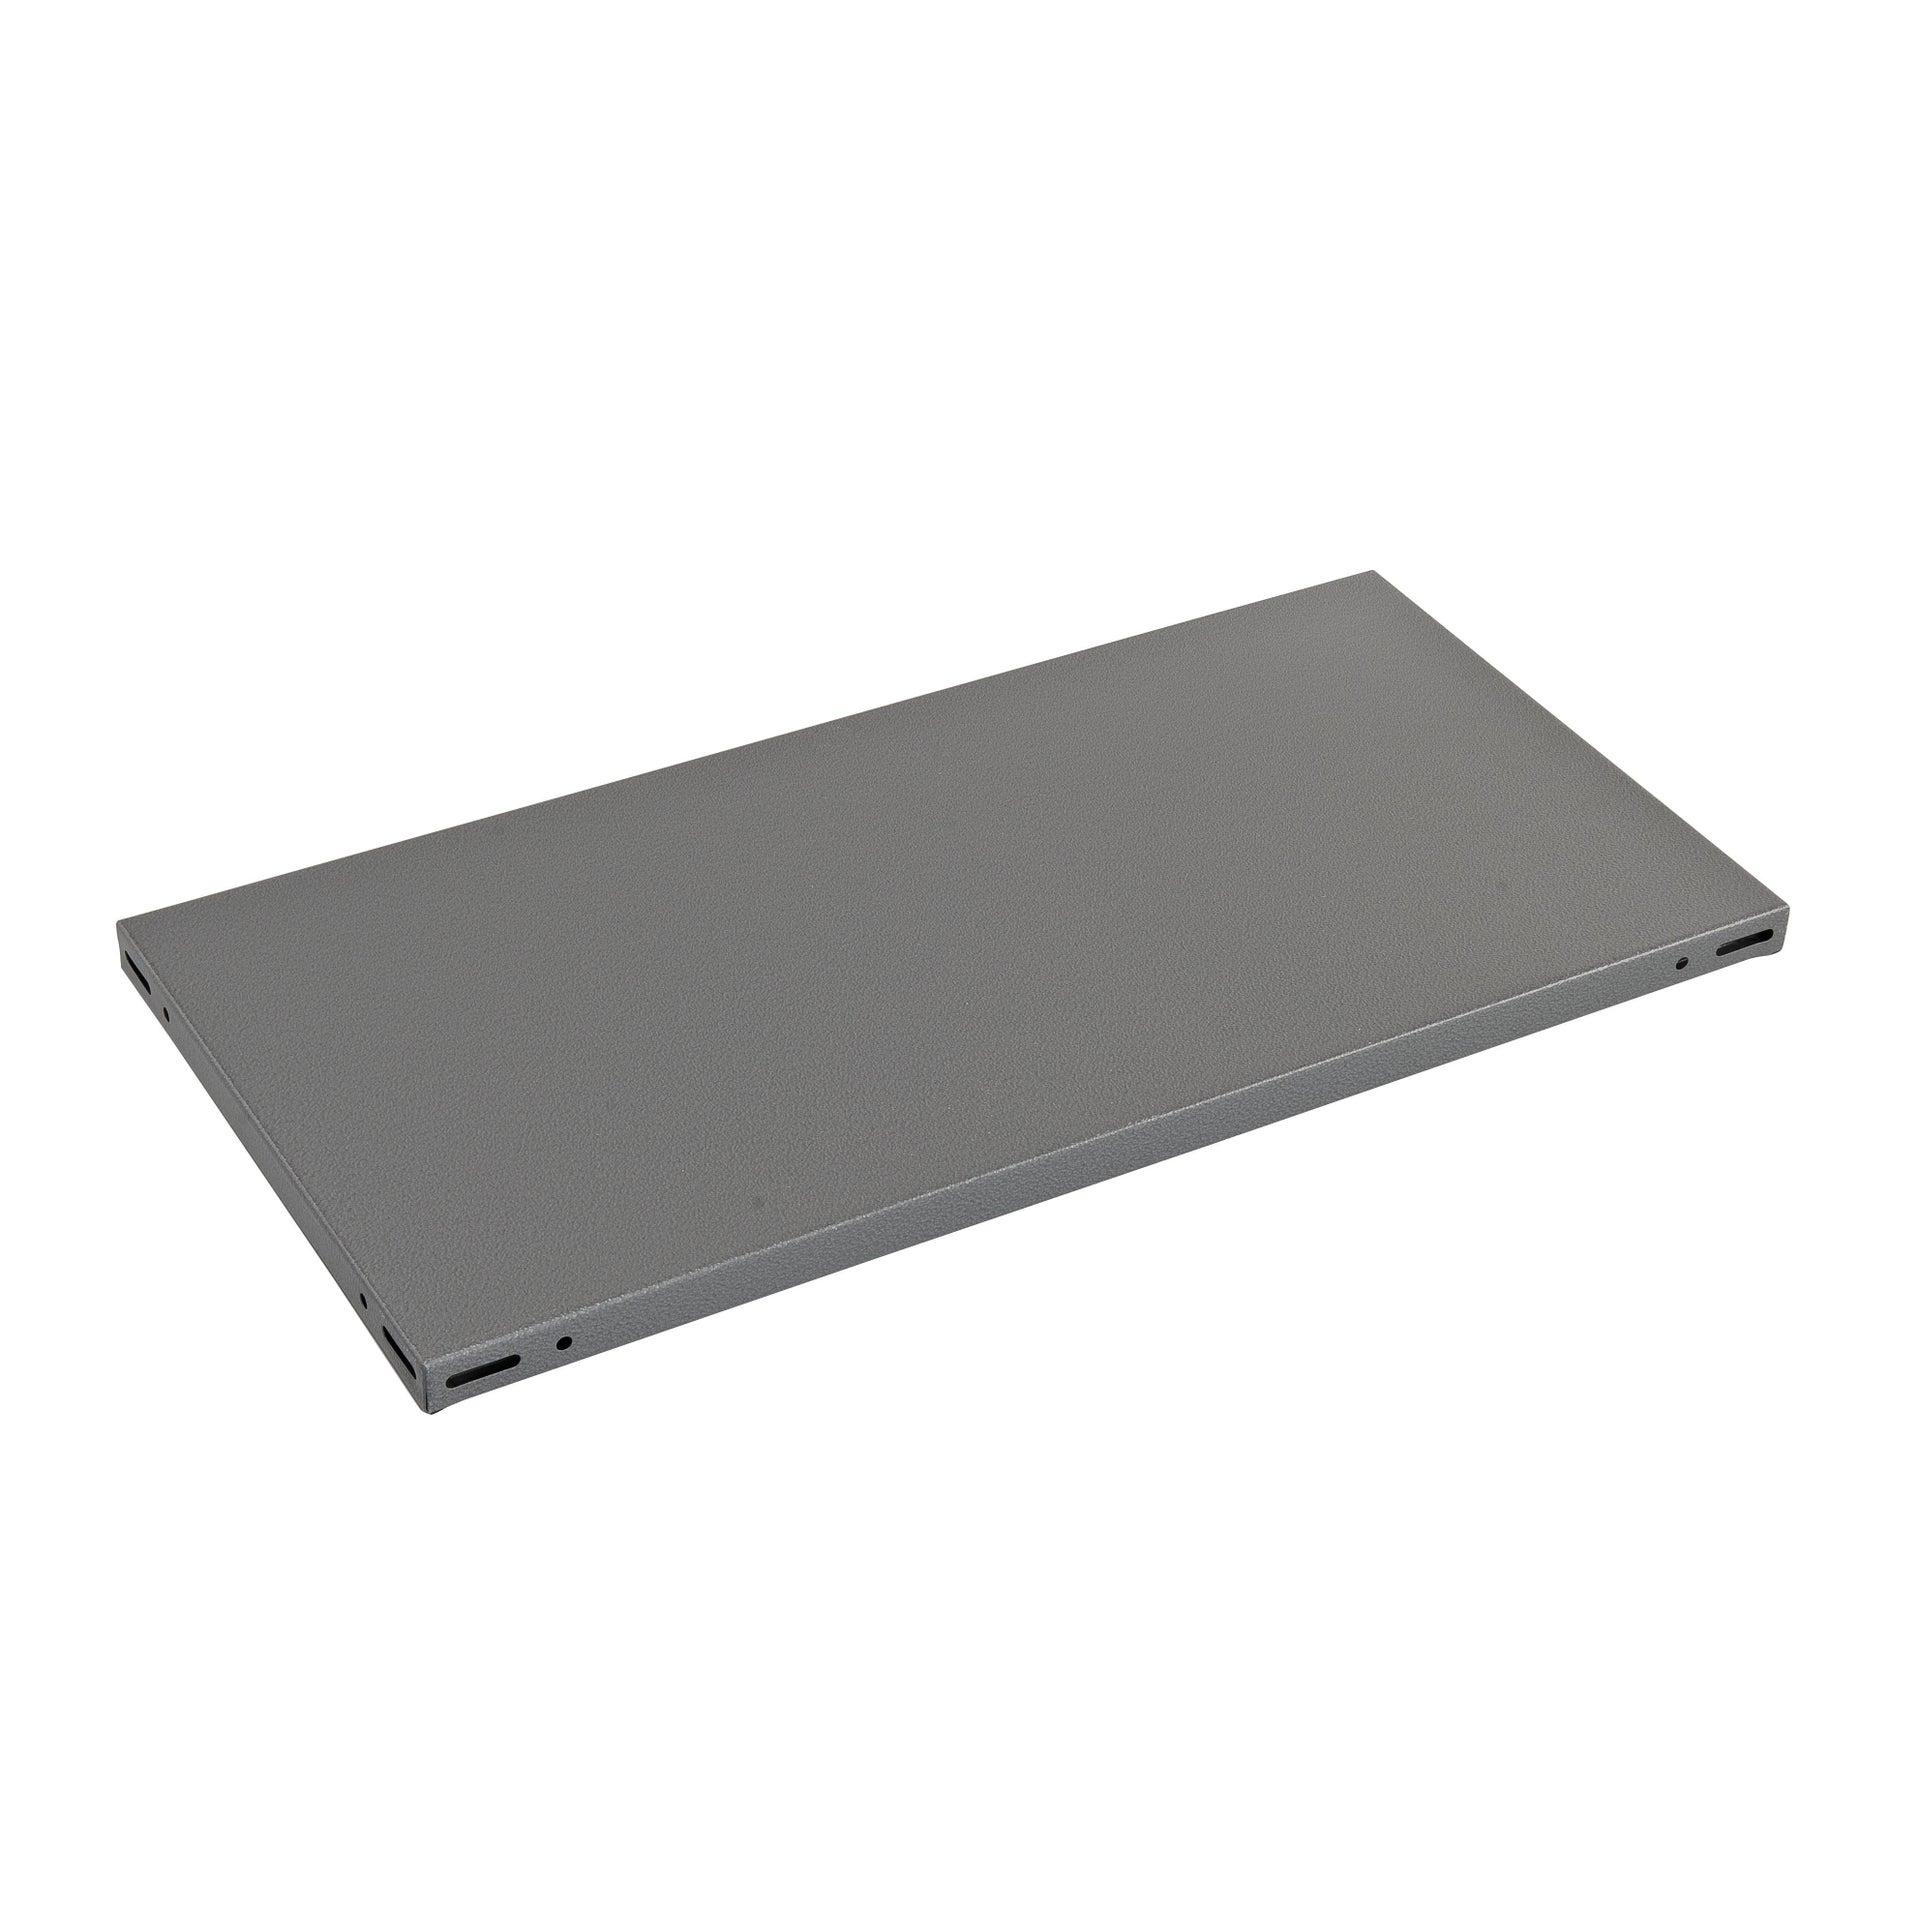 Ripiano L 80 x H 3 x P 30 cm grigio